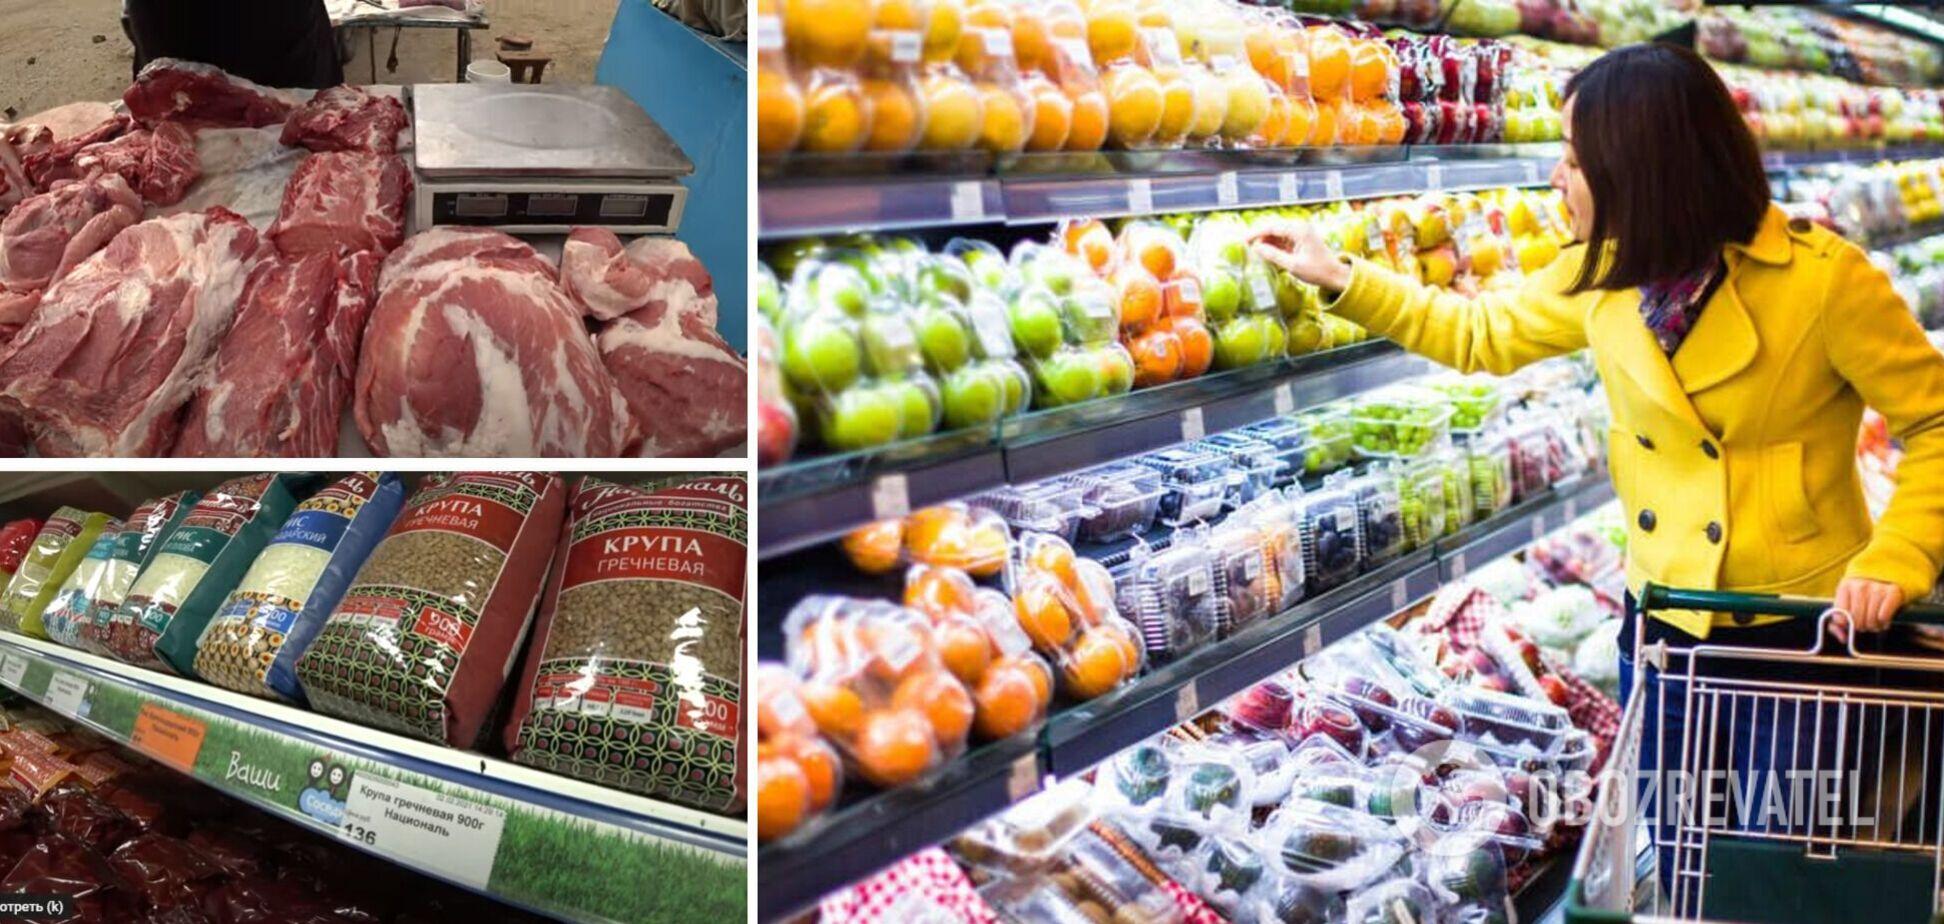 Ціни ростуть, але їжі все одно не вистачає: жителі Криму поскаржилися на продуктову ізоляцію